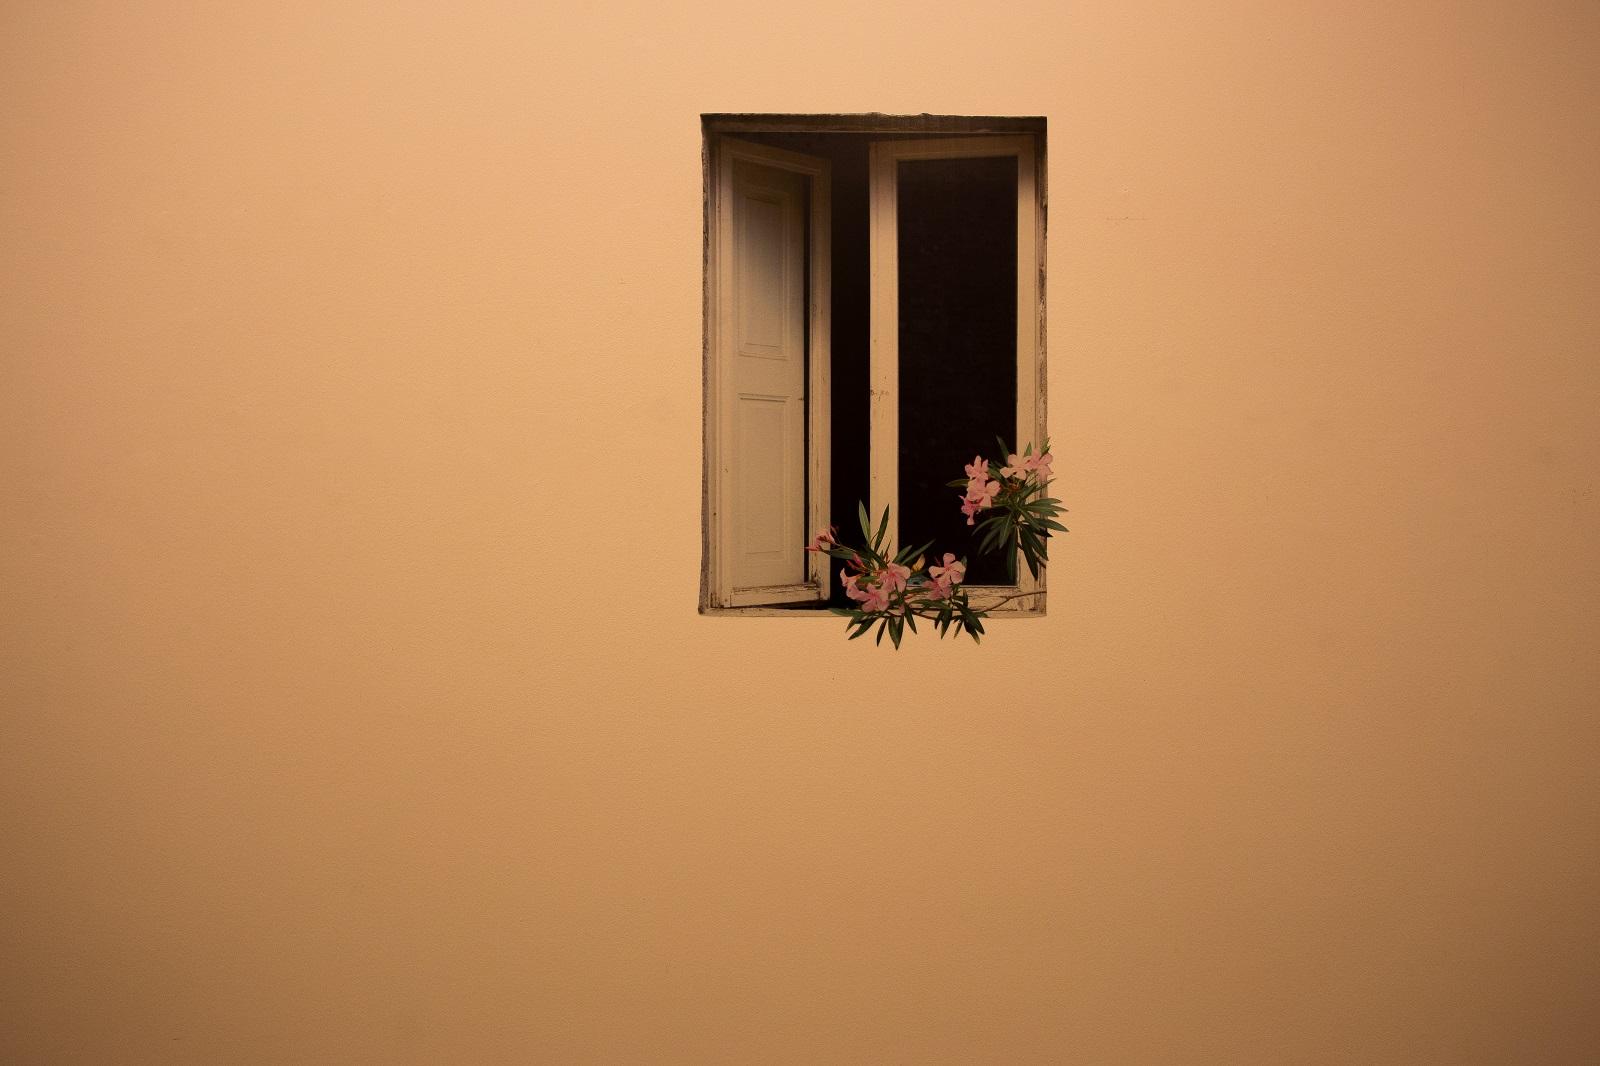 sbagliato-at-galleria-toselli-recap-08